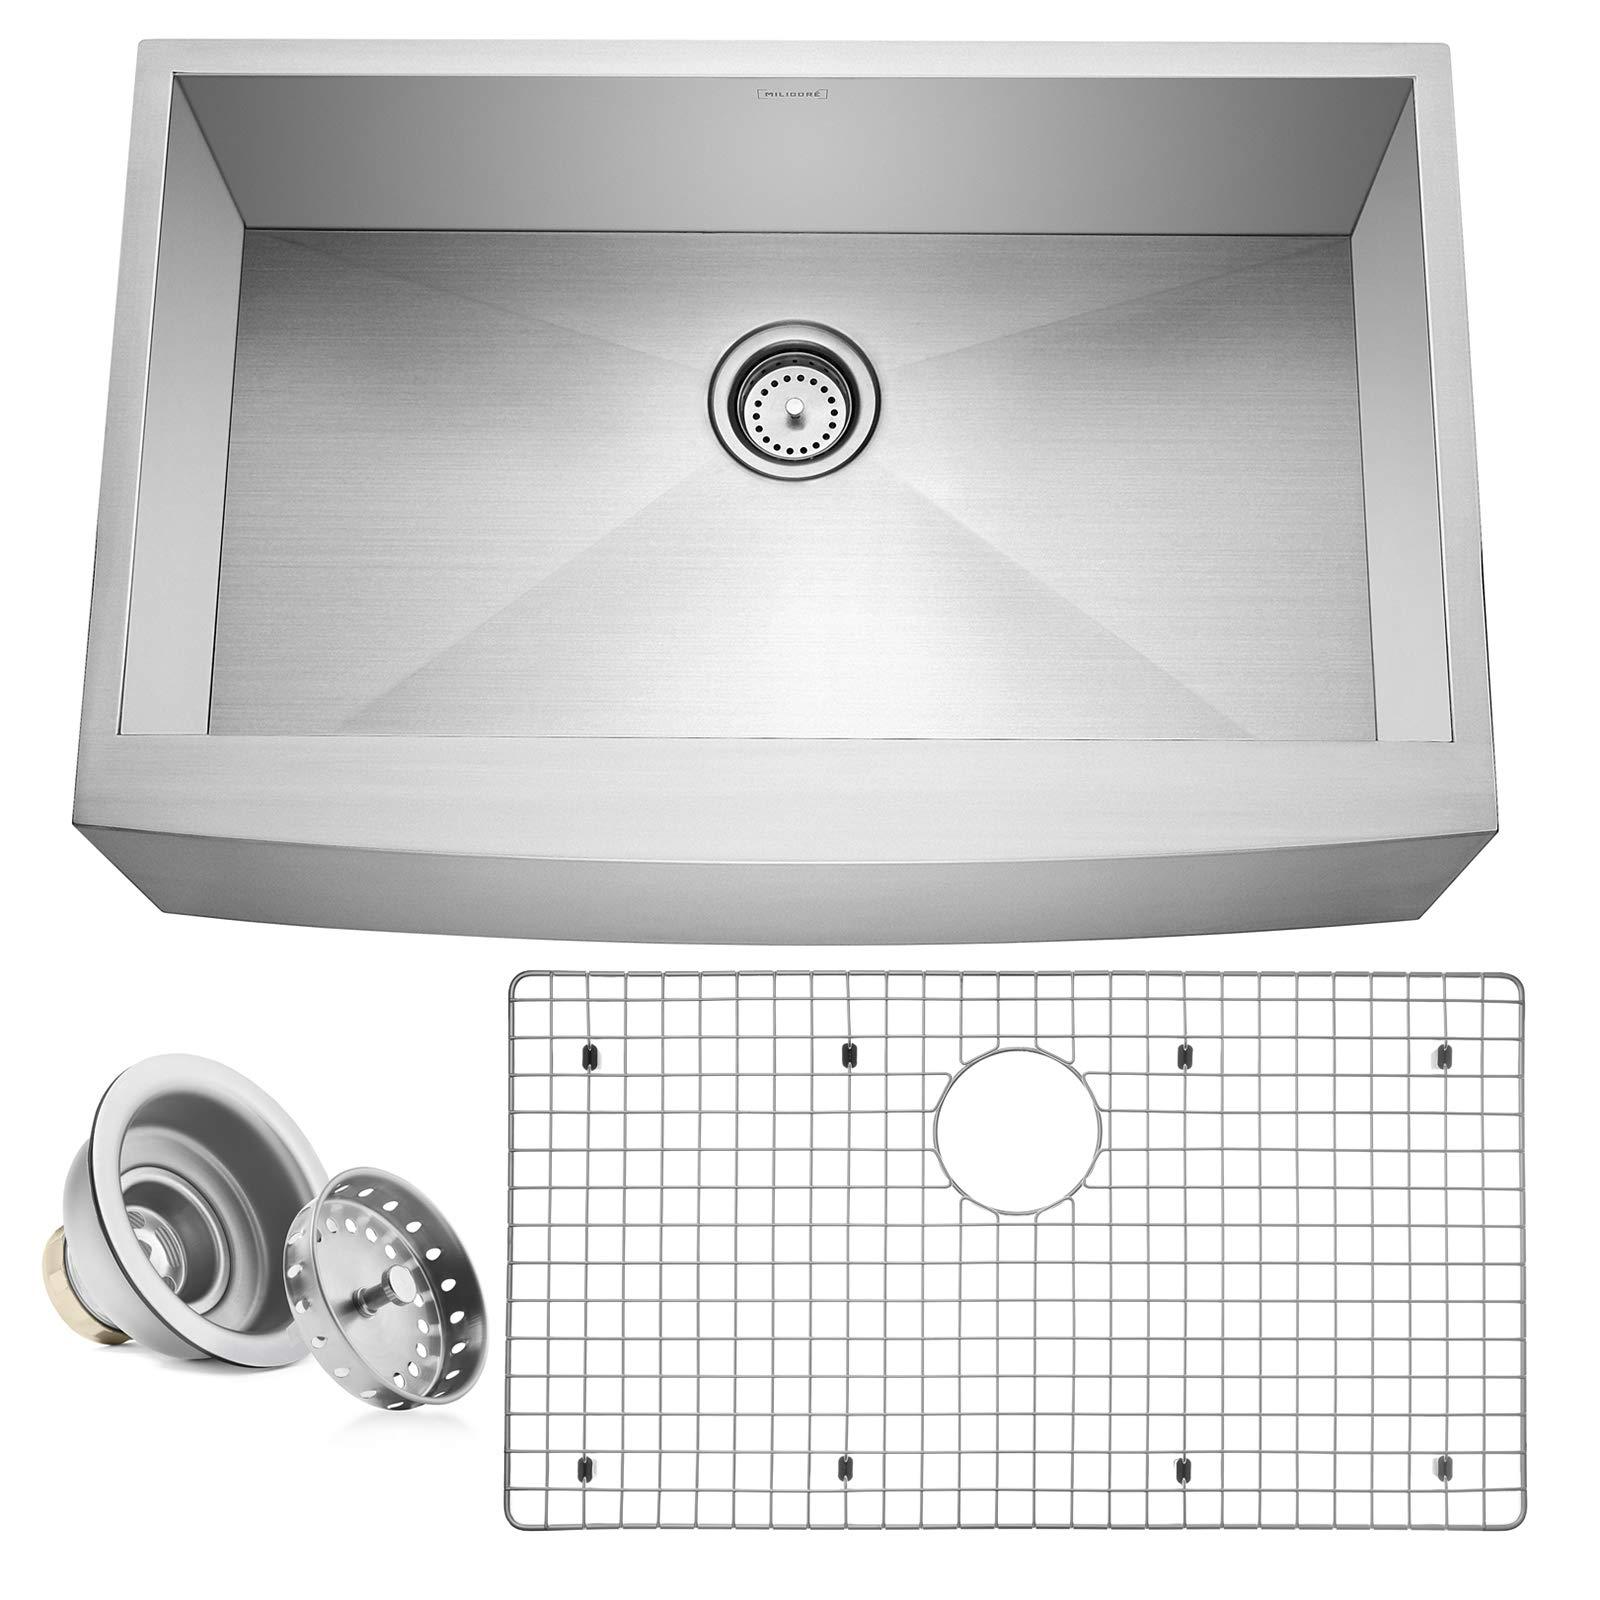 Miligore 33'' x 21'' x 10'' Deep Single Bowl Farmhouse Apron Zero Radius 16-Gauge Stainless Steel Kitchen Sink - Includes Drain/Grid